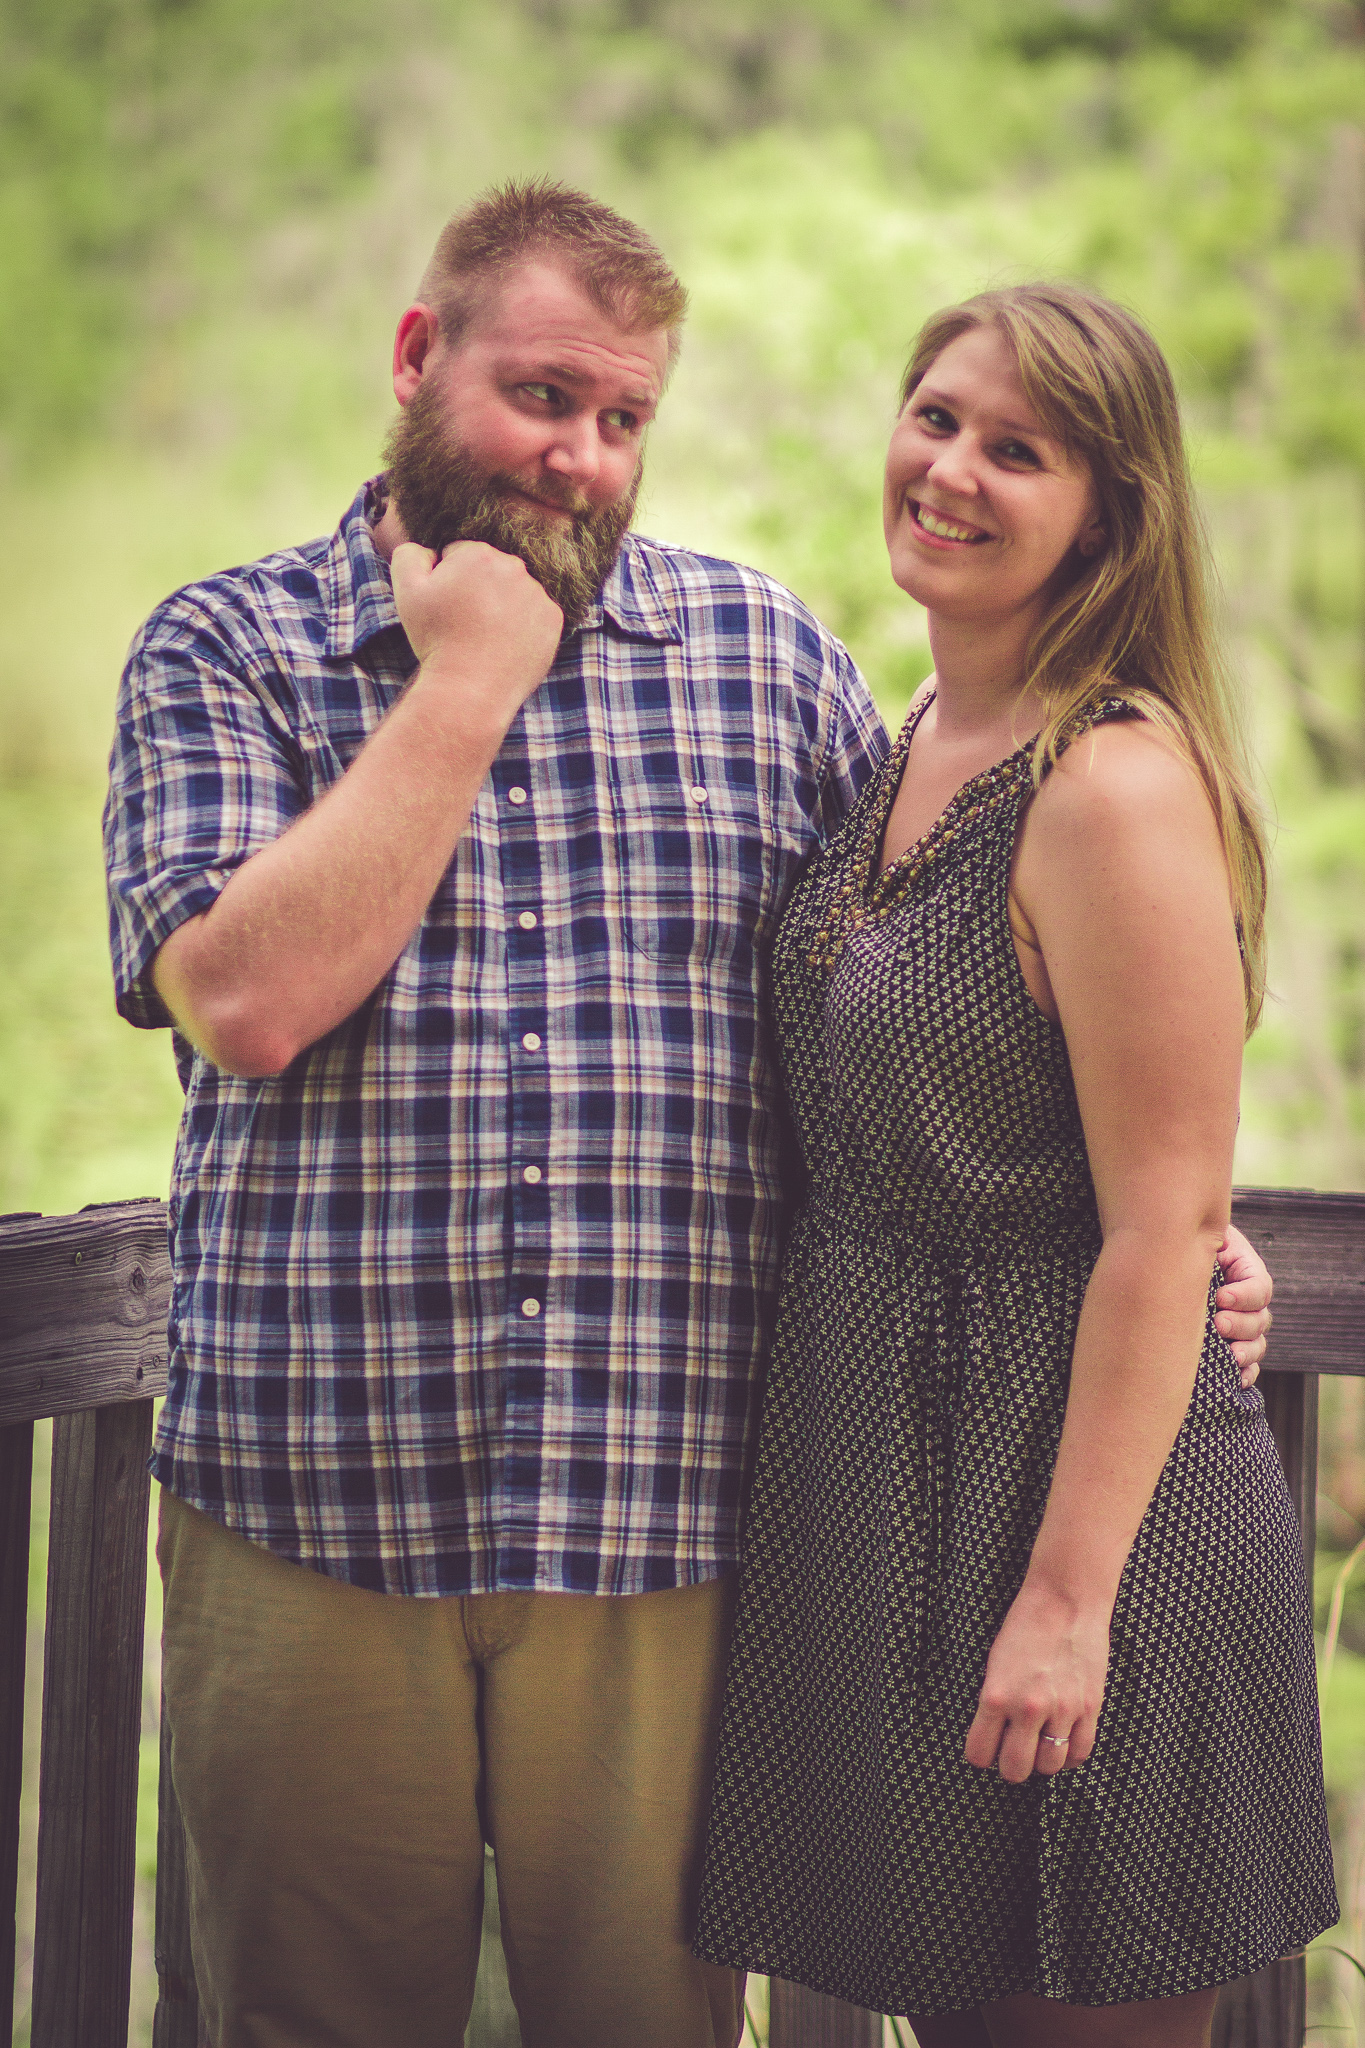 Tom+Kristina-4.jpg